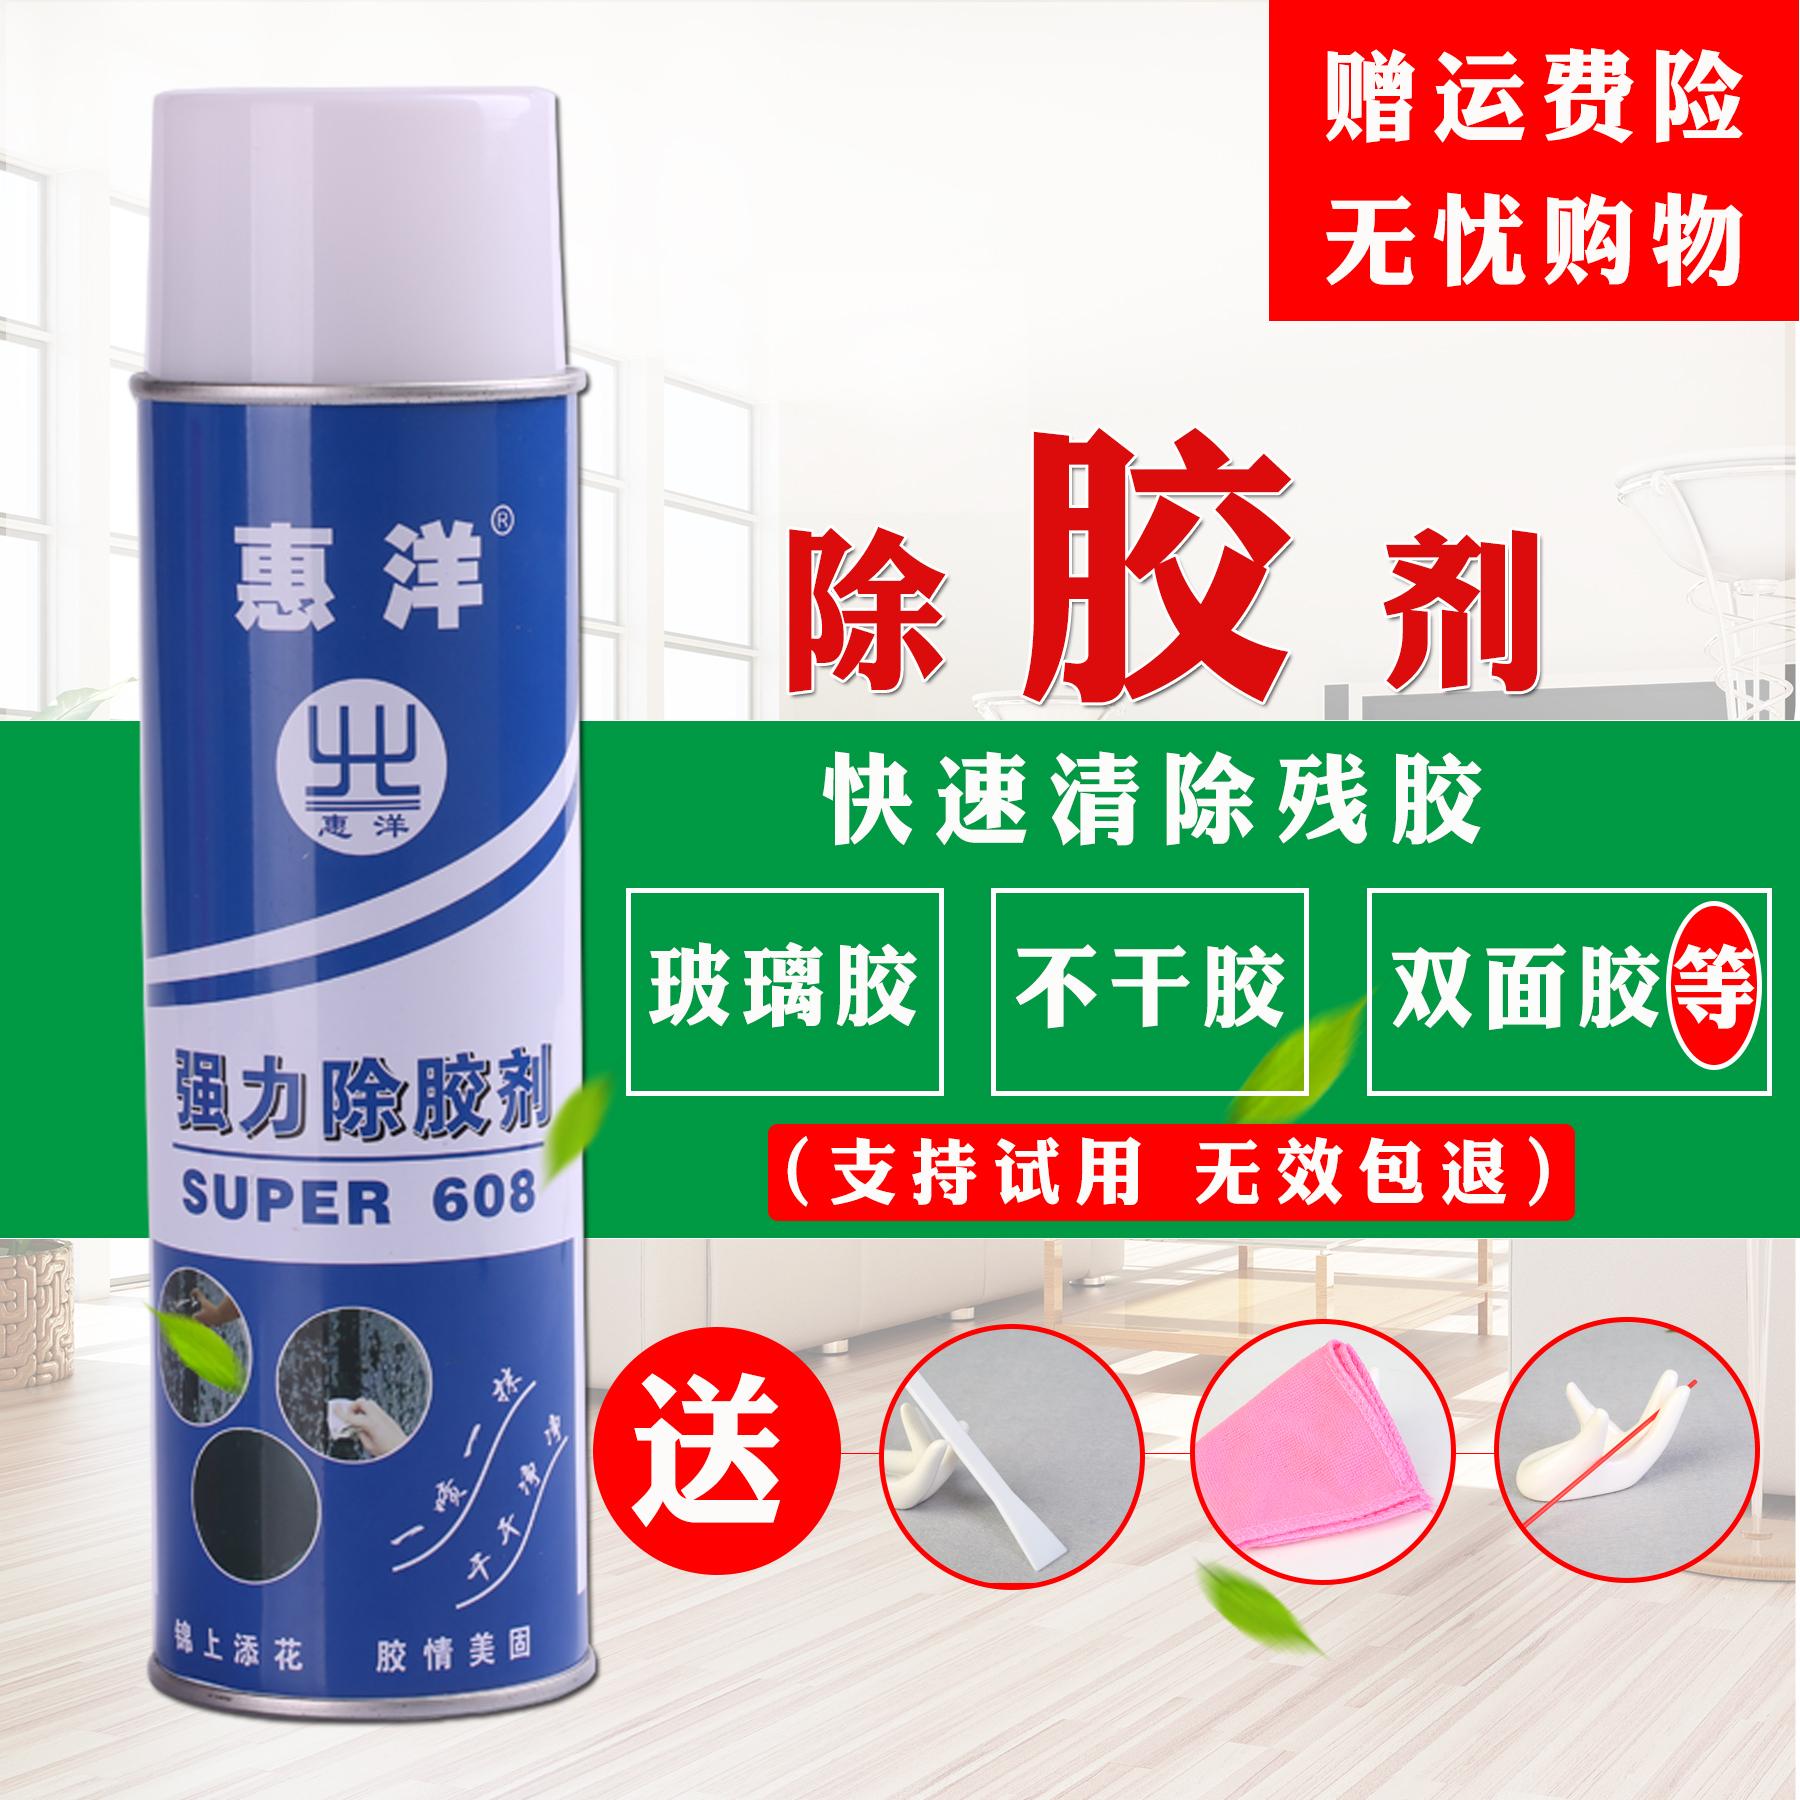 清除玻璃胶透明胶双面胶不干胶去除剂家用除胶剂木地板粘胶清洗剂